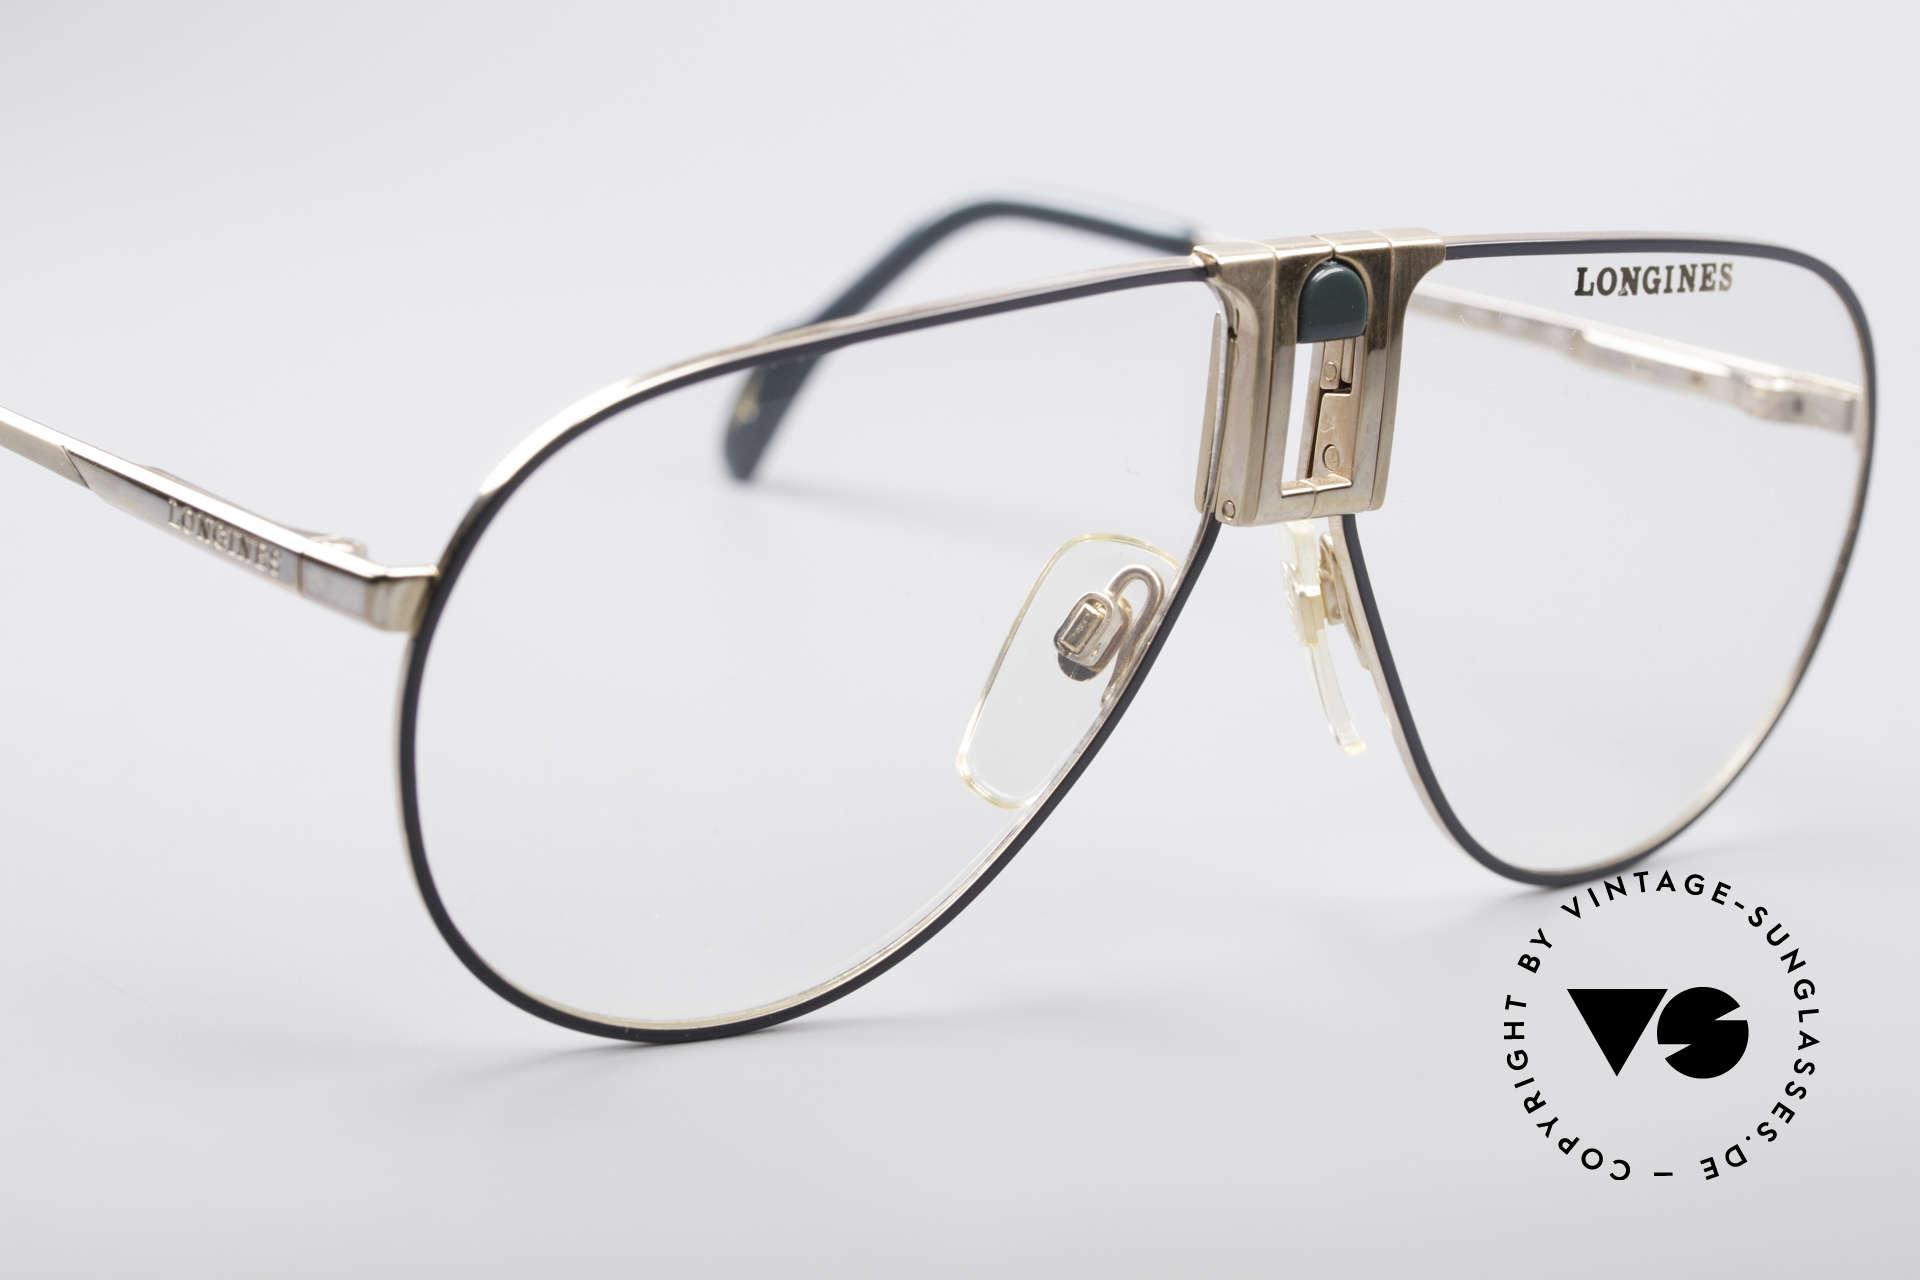 Longines 0154 1980's Aviator Glasses, never worn (like all our premium vintage eyeglasses), Made for Men